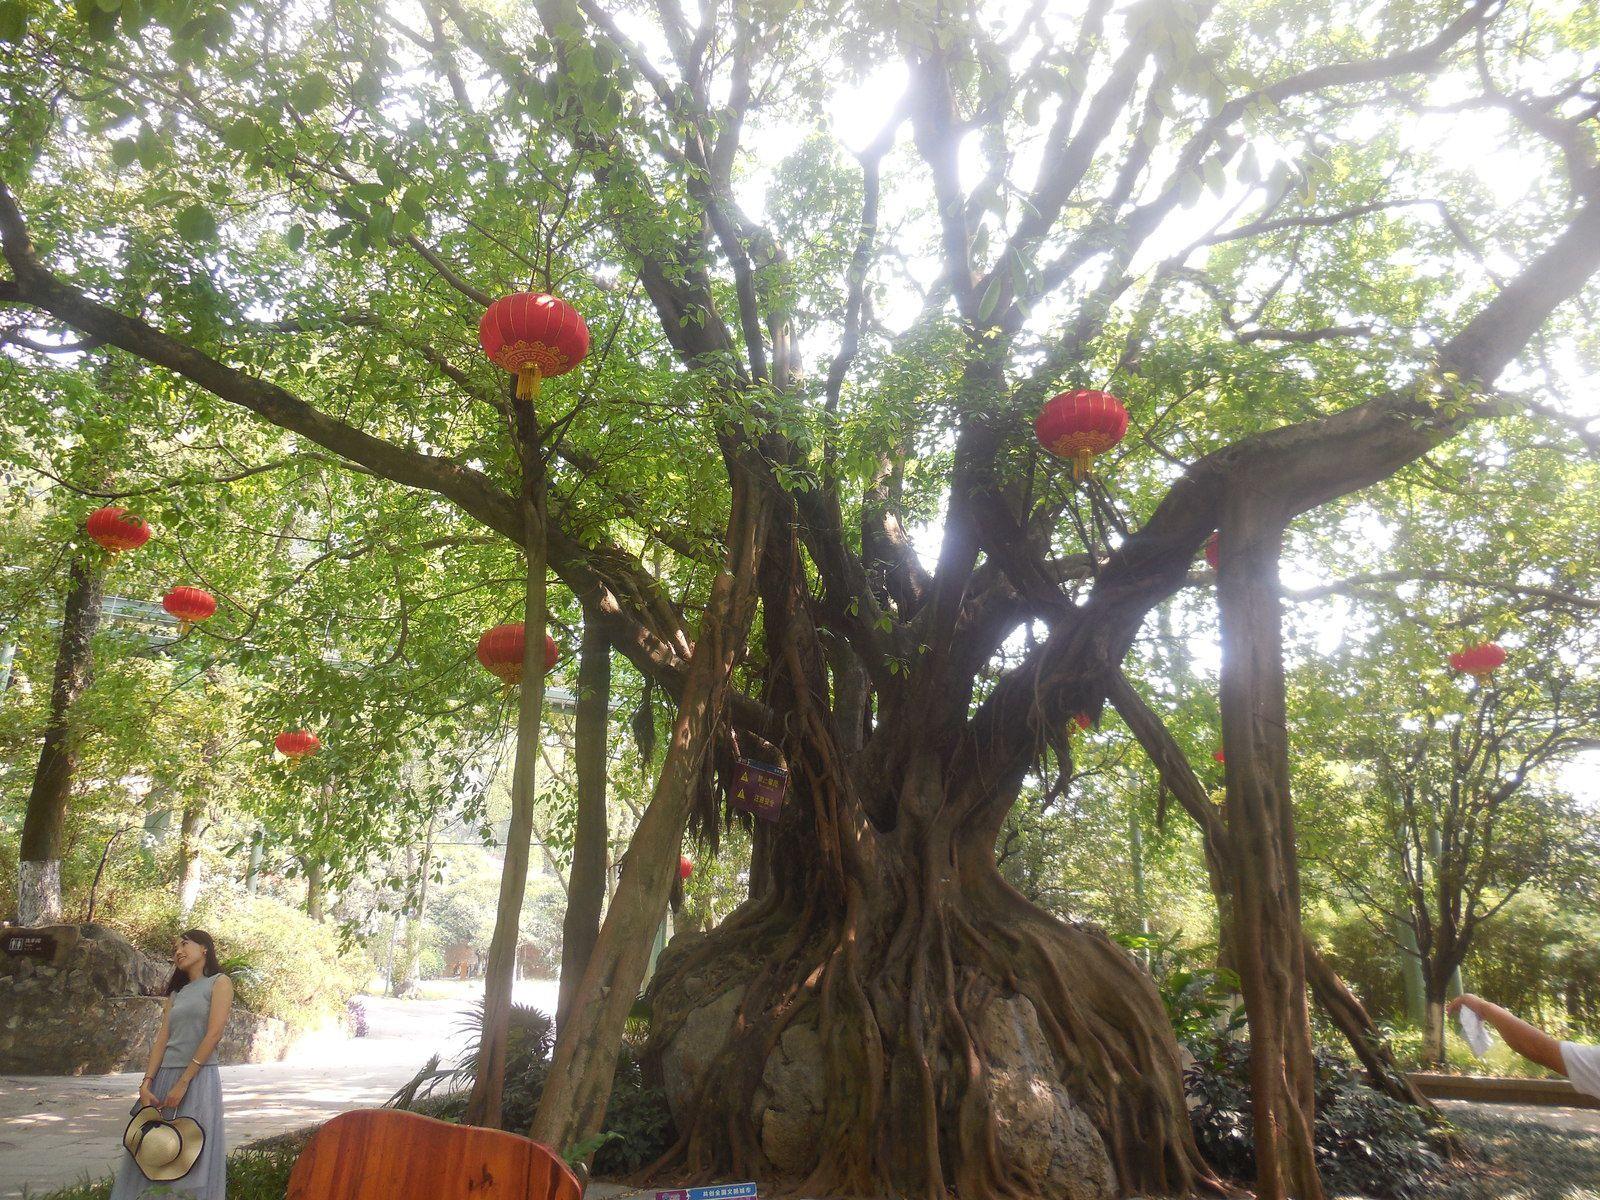 Arrivée au parc, à l'entrée de la grotte, ce magnifique Ficus...